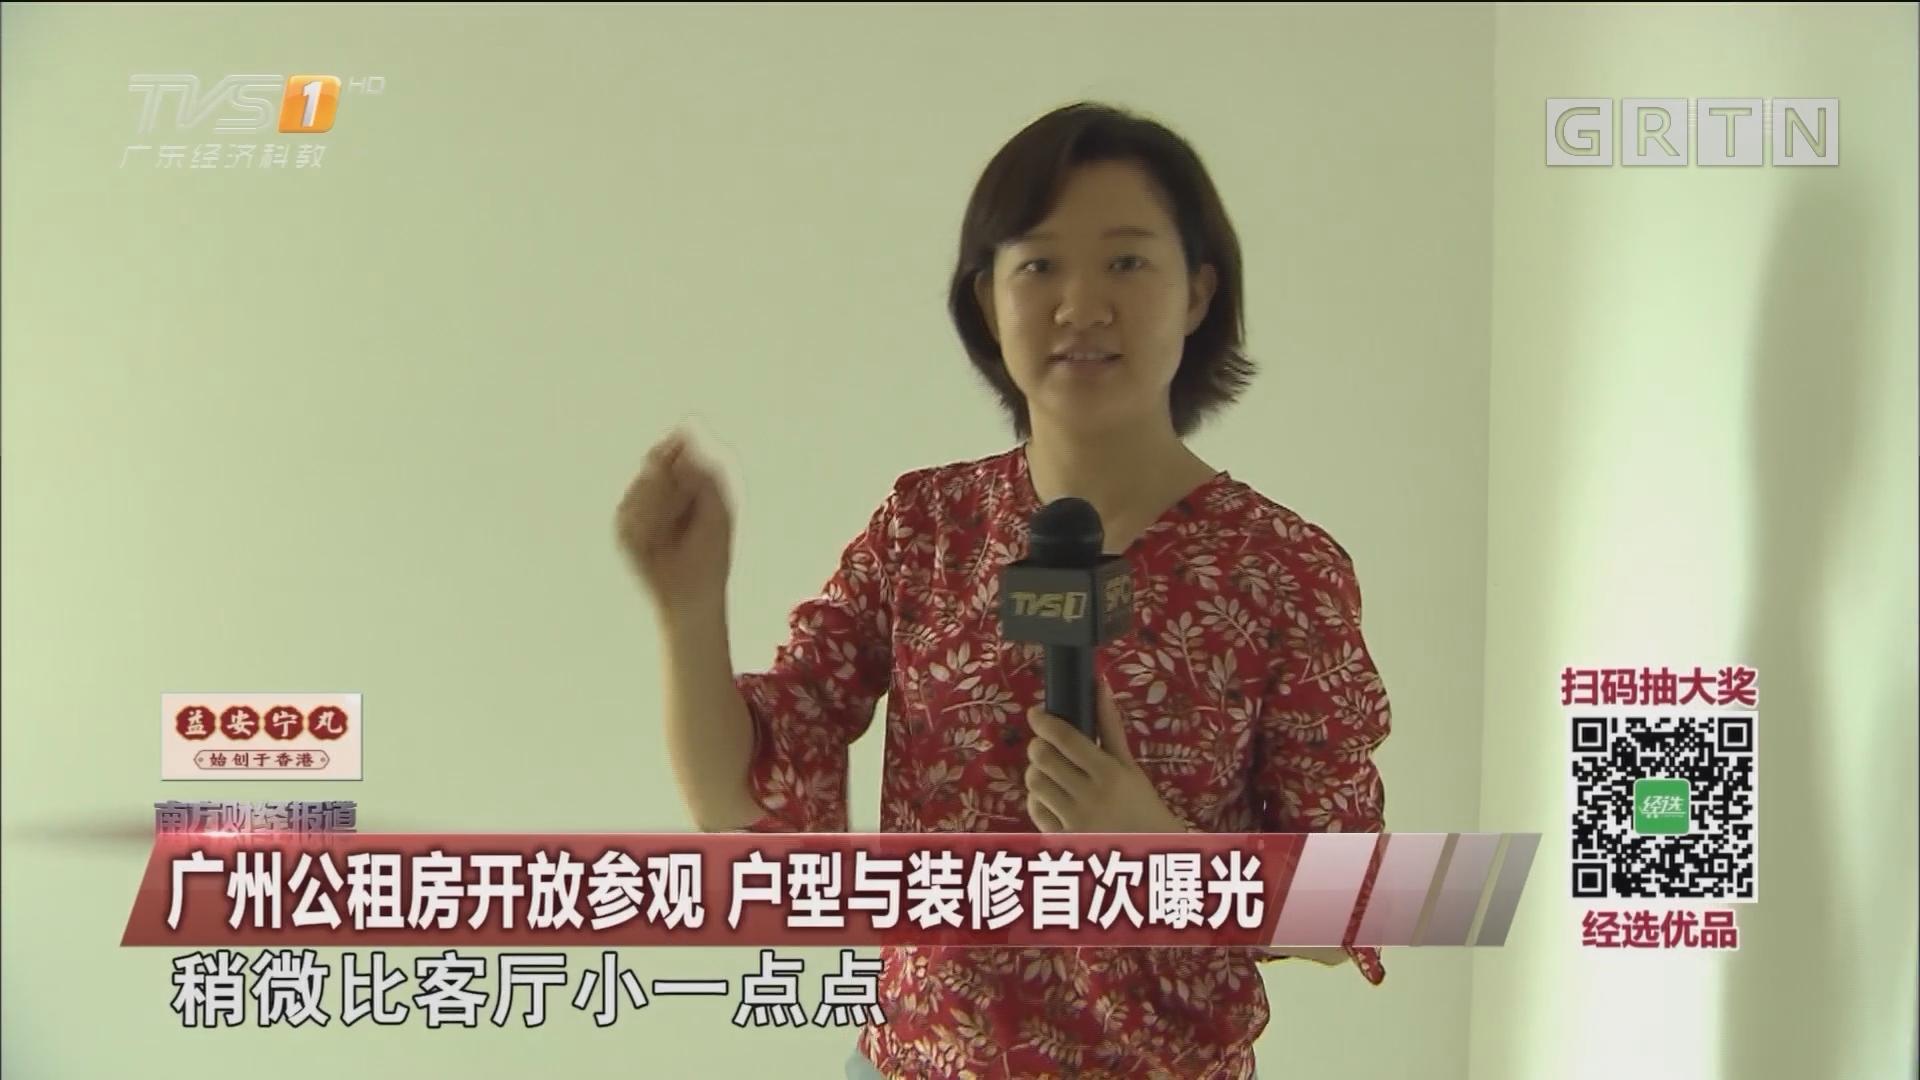 广州公租房开放参观 户型与装修首次曝光